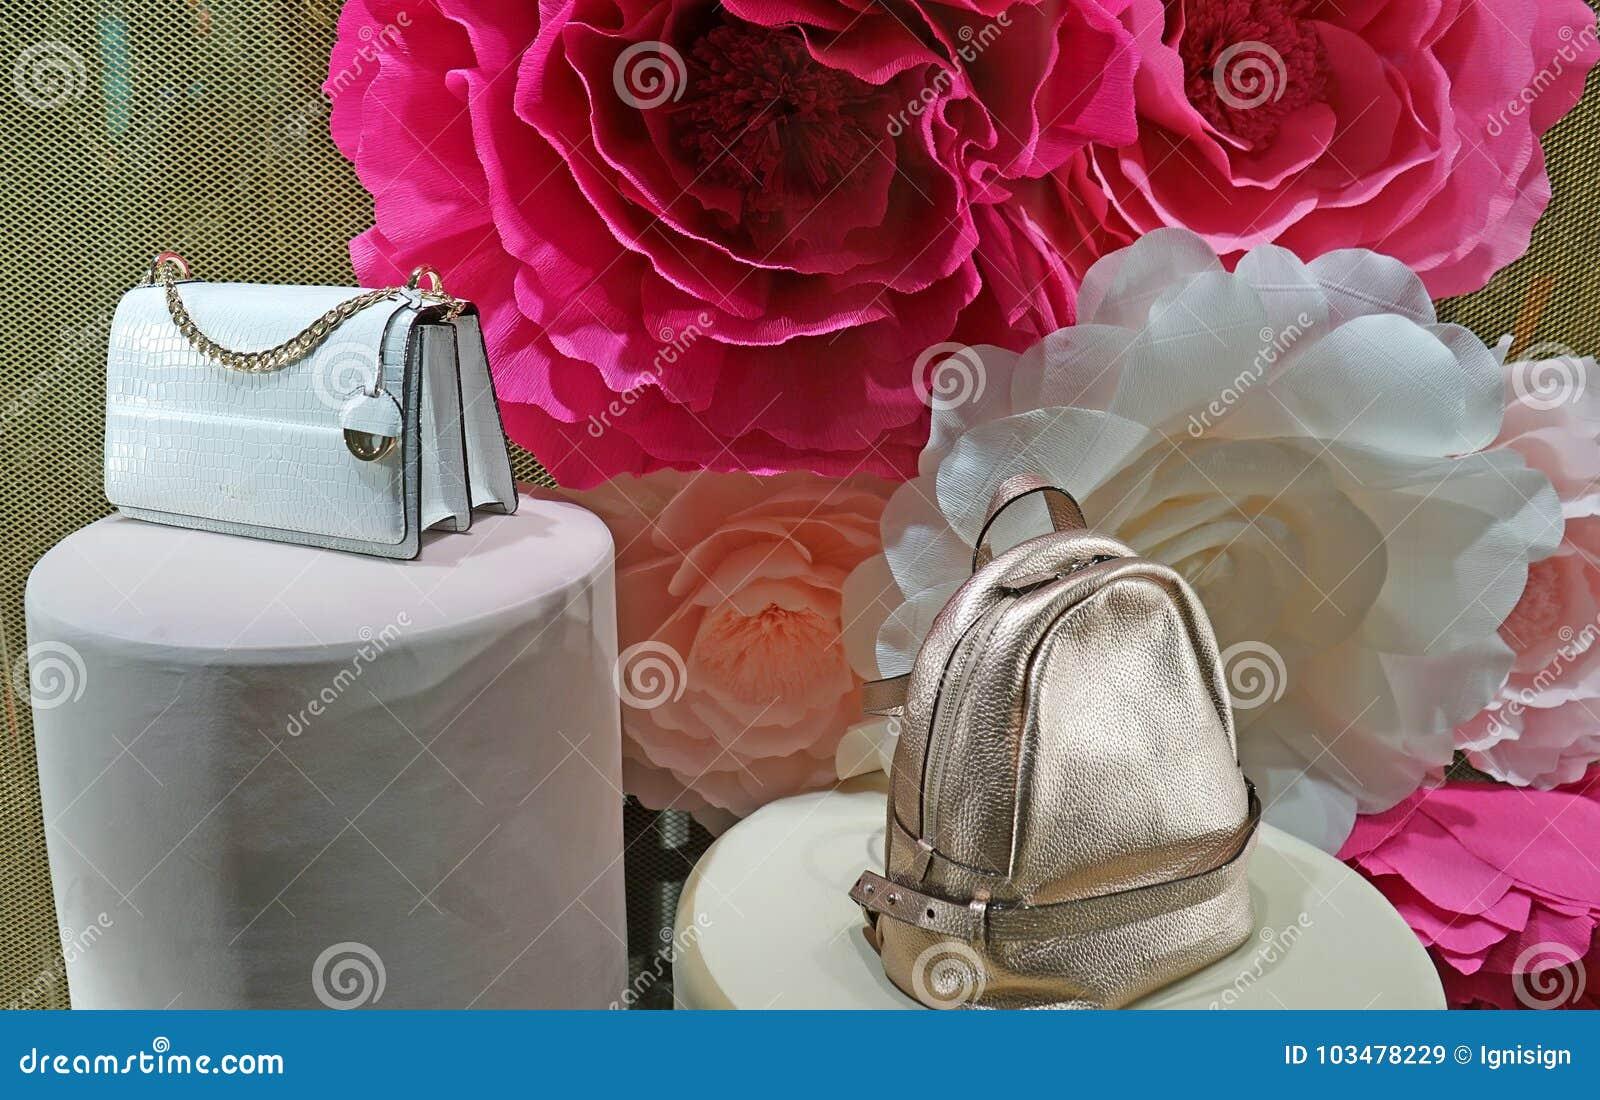 Borse moderne in una finestra del negozio su fondo delle rose Oroton è una società di lusso degli accessori di modo dell australi